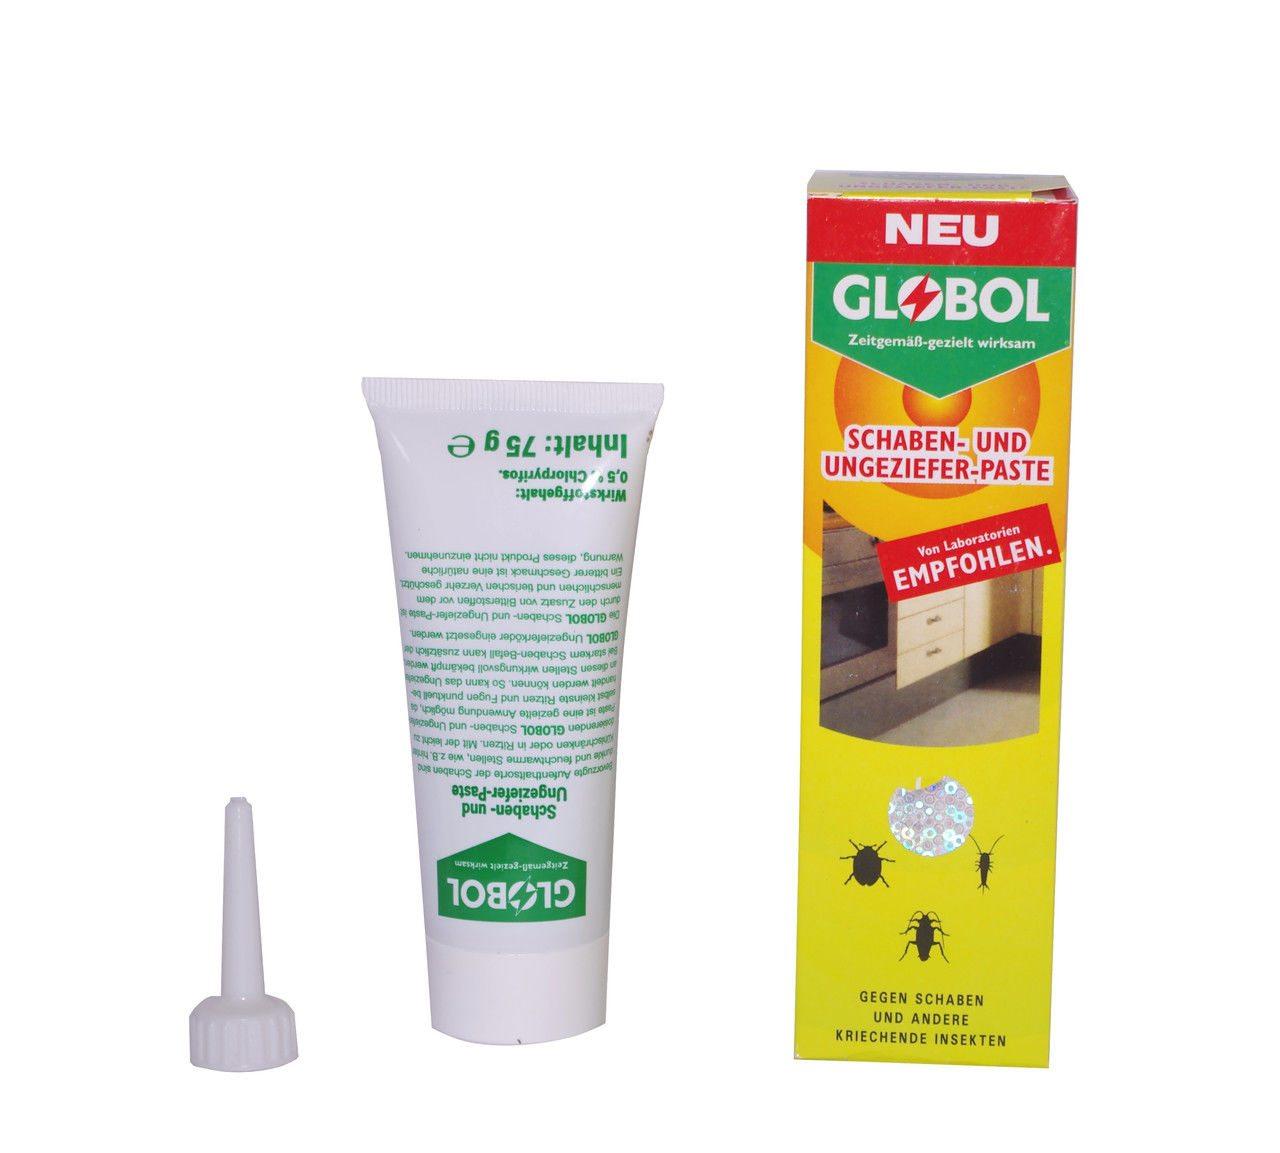 Гель глобал (globol) от тараканов: описание средства-пасты, инструкция по применению и отзывы